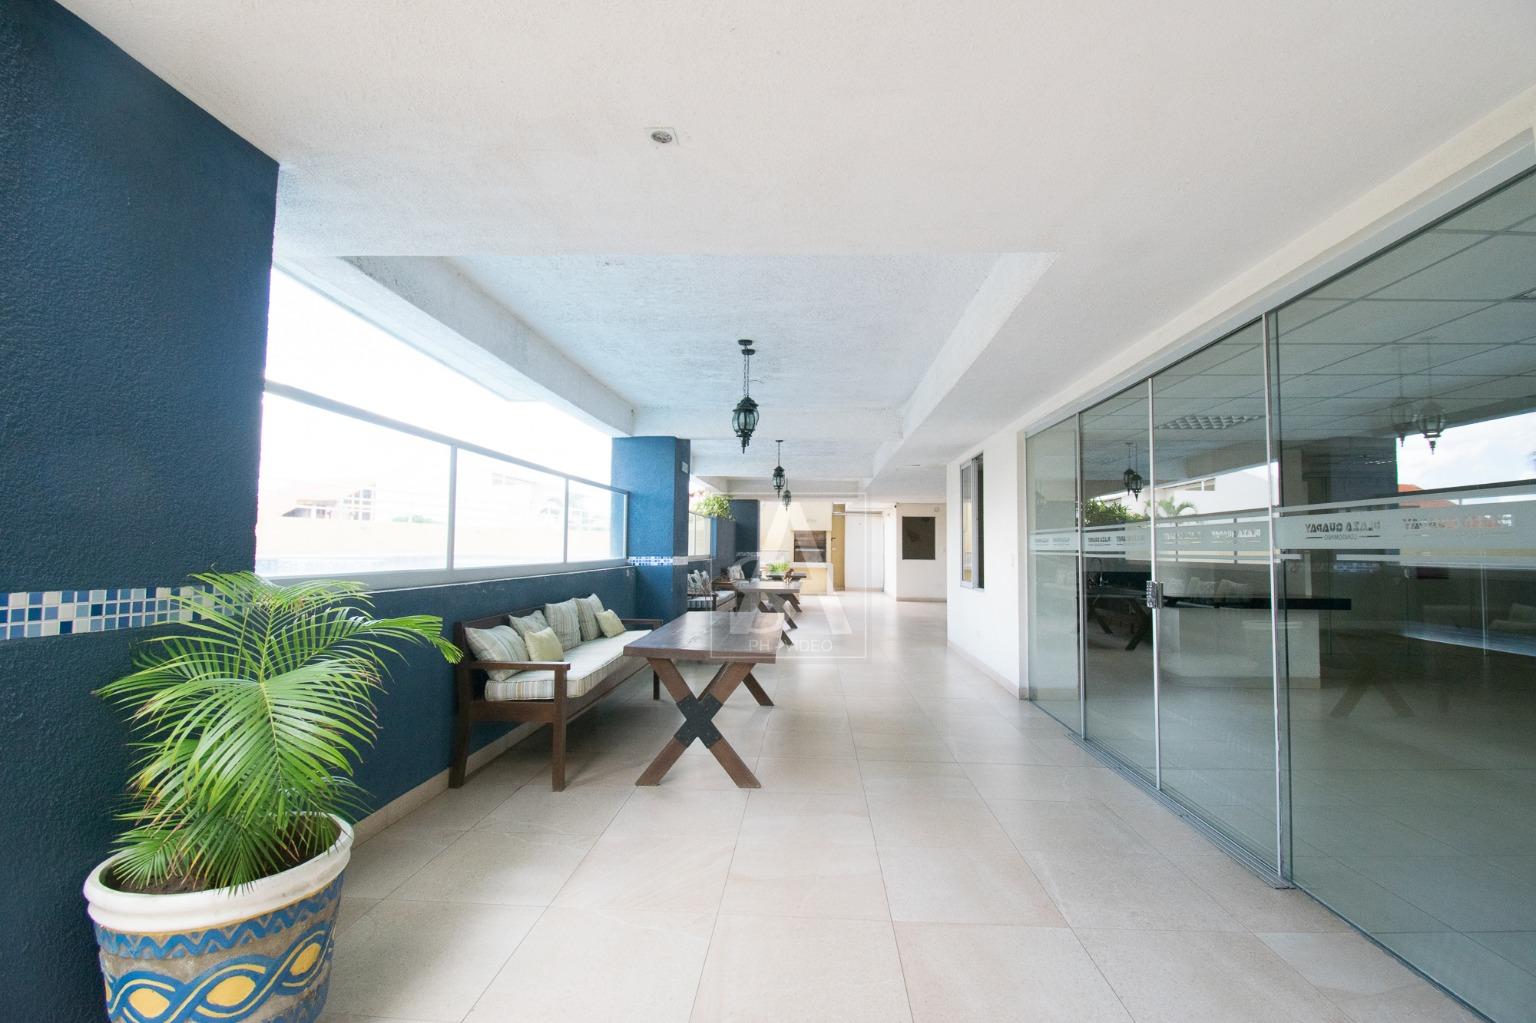 Departamento en Venta DEPARTAMENTO EN VENTA - CONDOMINIO PLAZA GUAPAY - 166.60 m². - AV. GUAPAY Foto 19